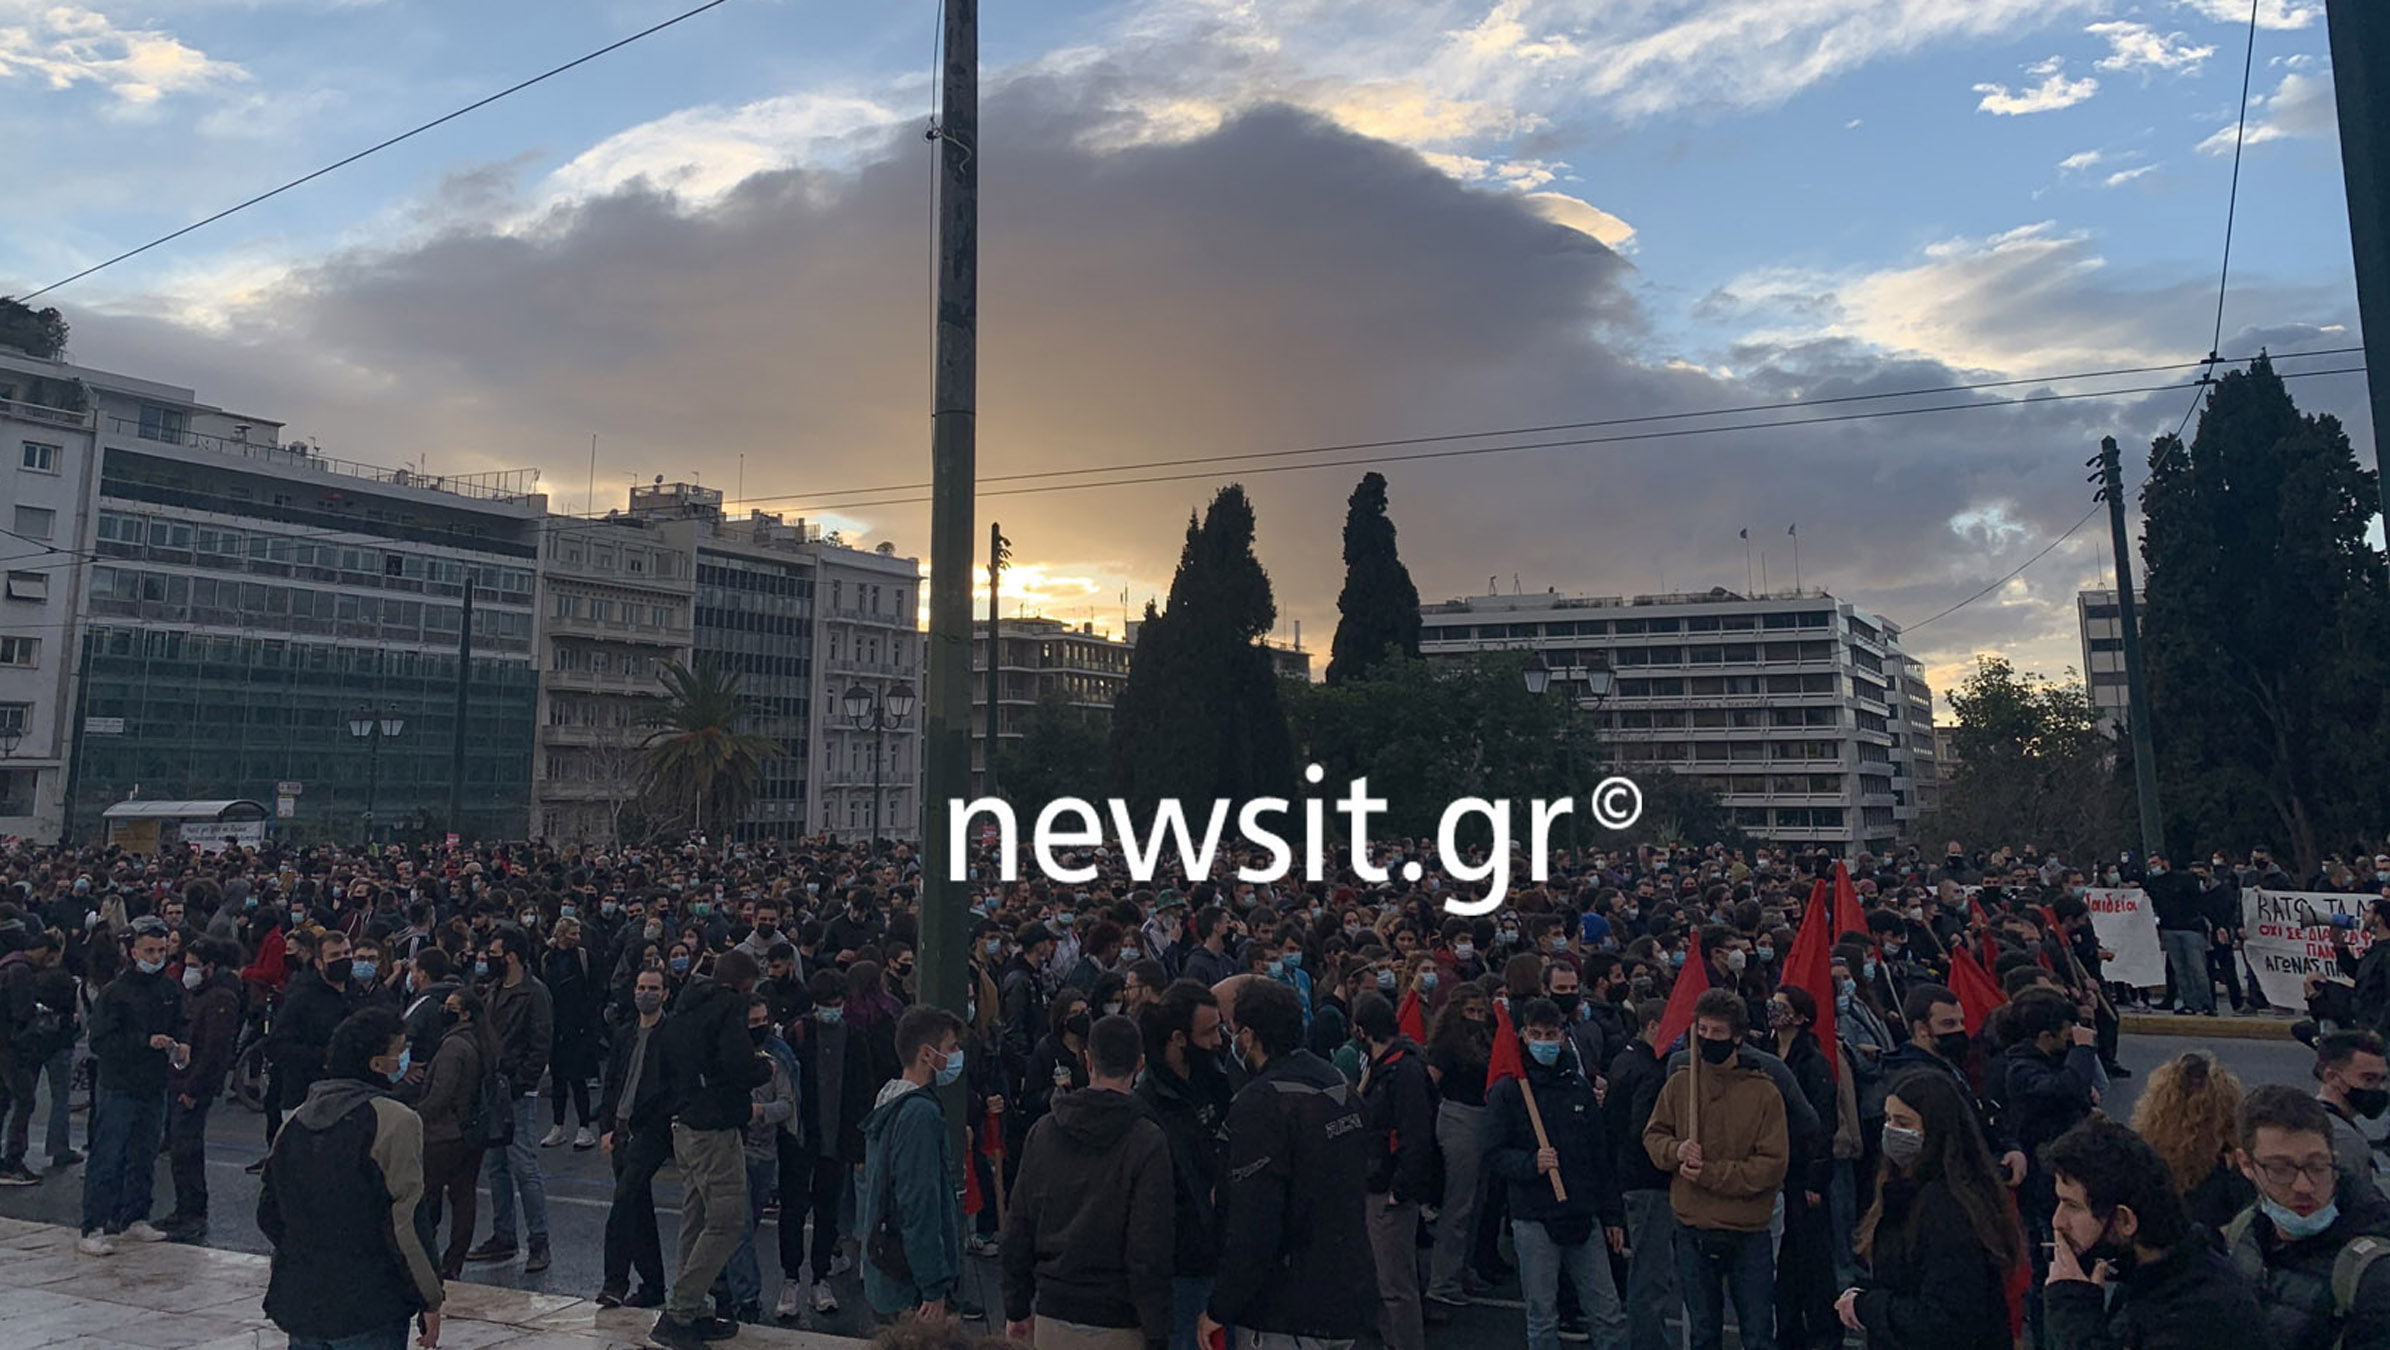 Πανεκπαιδευτικό Συλλαλητήριο: Πάνω από 2.500 διαδηλωτές στο Σύνταγμα